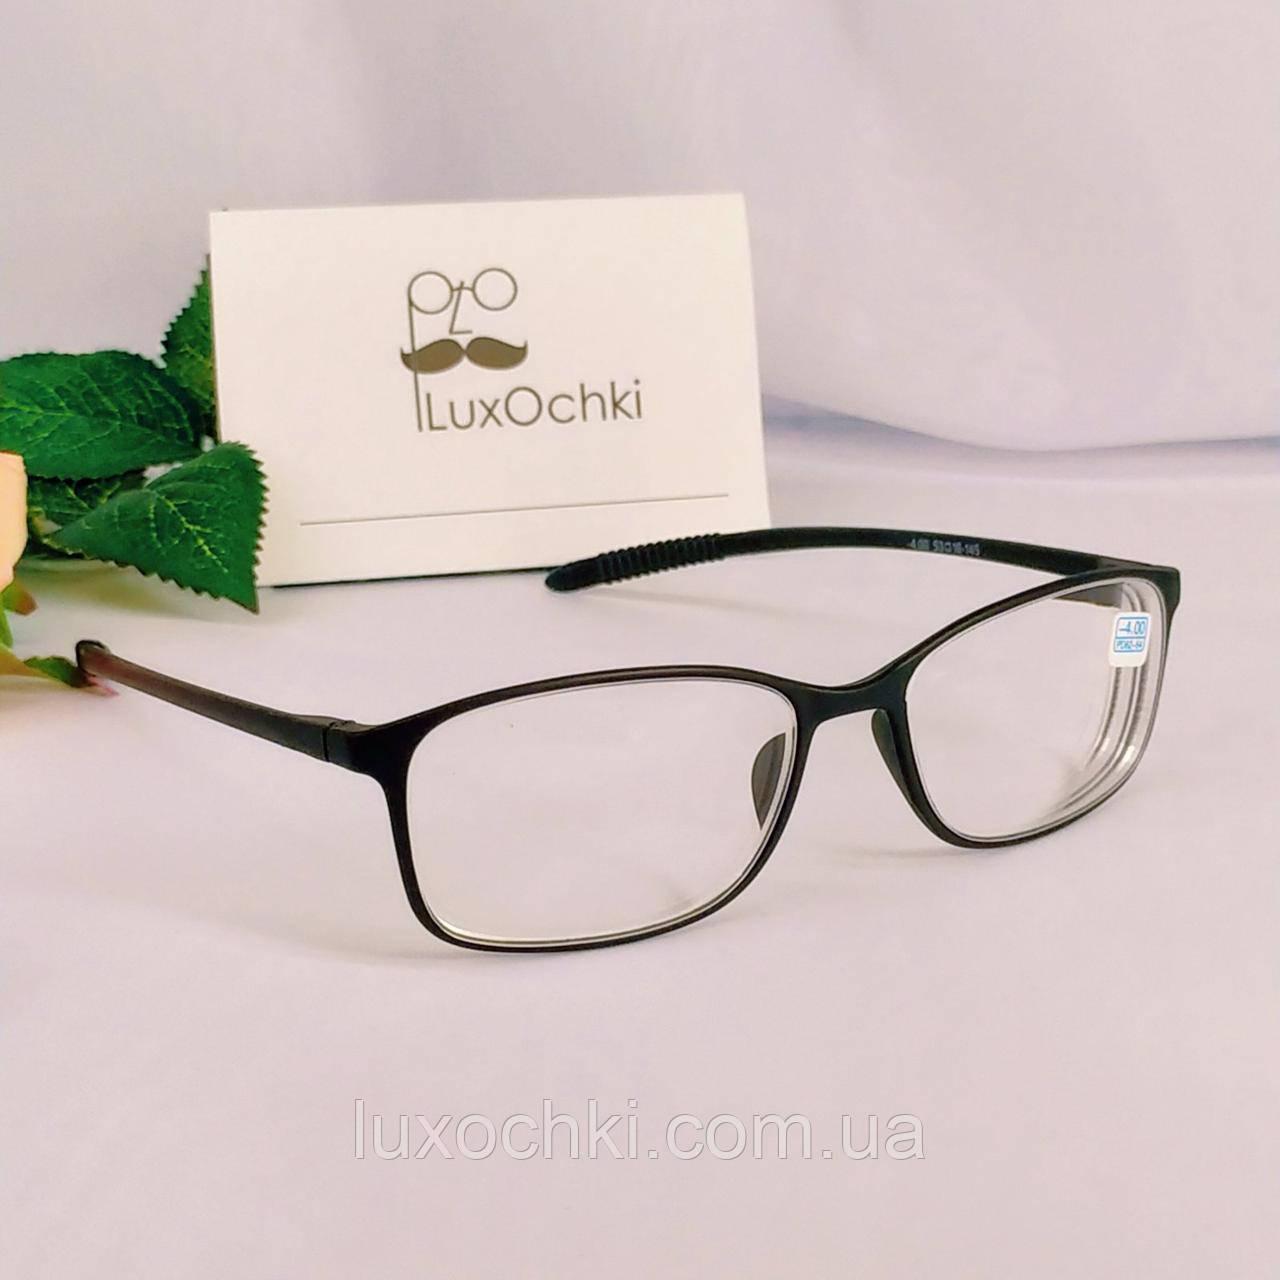 -4.0 Готовые очки для коррекции зрения с диоптрией в пластиковой оправе